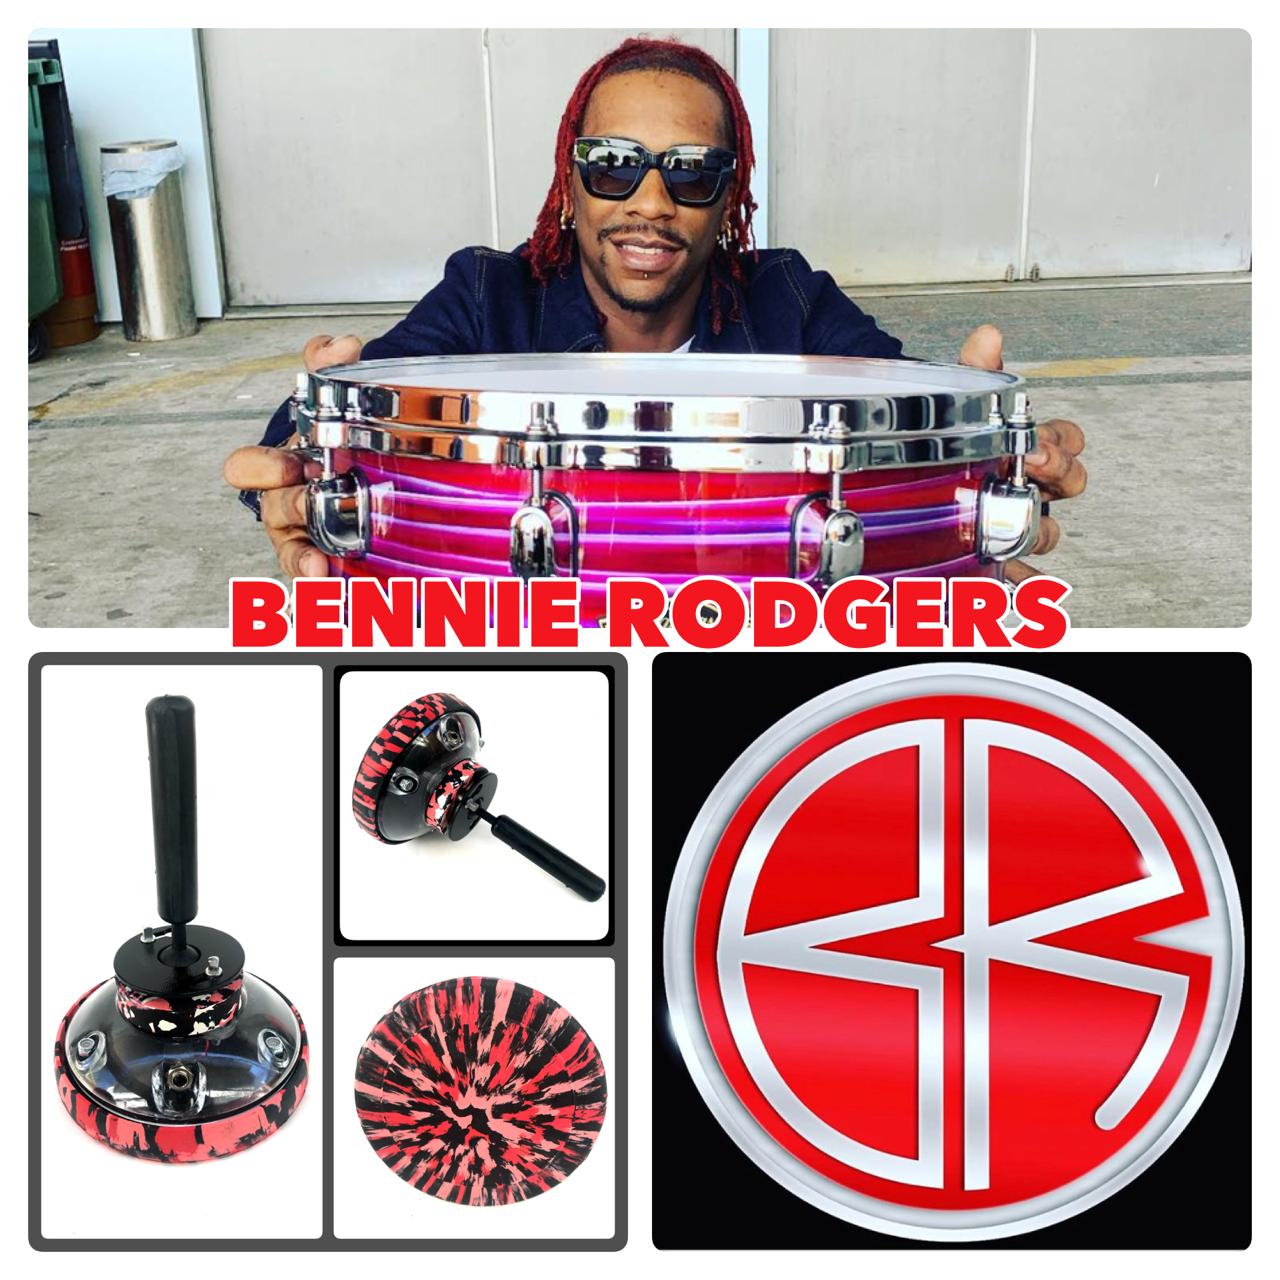 BENNIE RODGERS